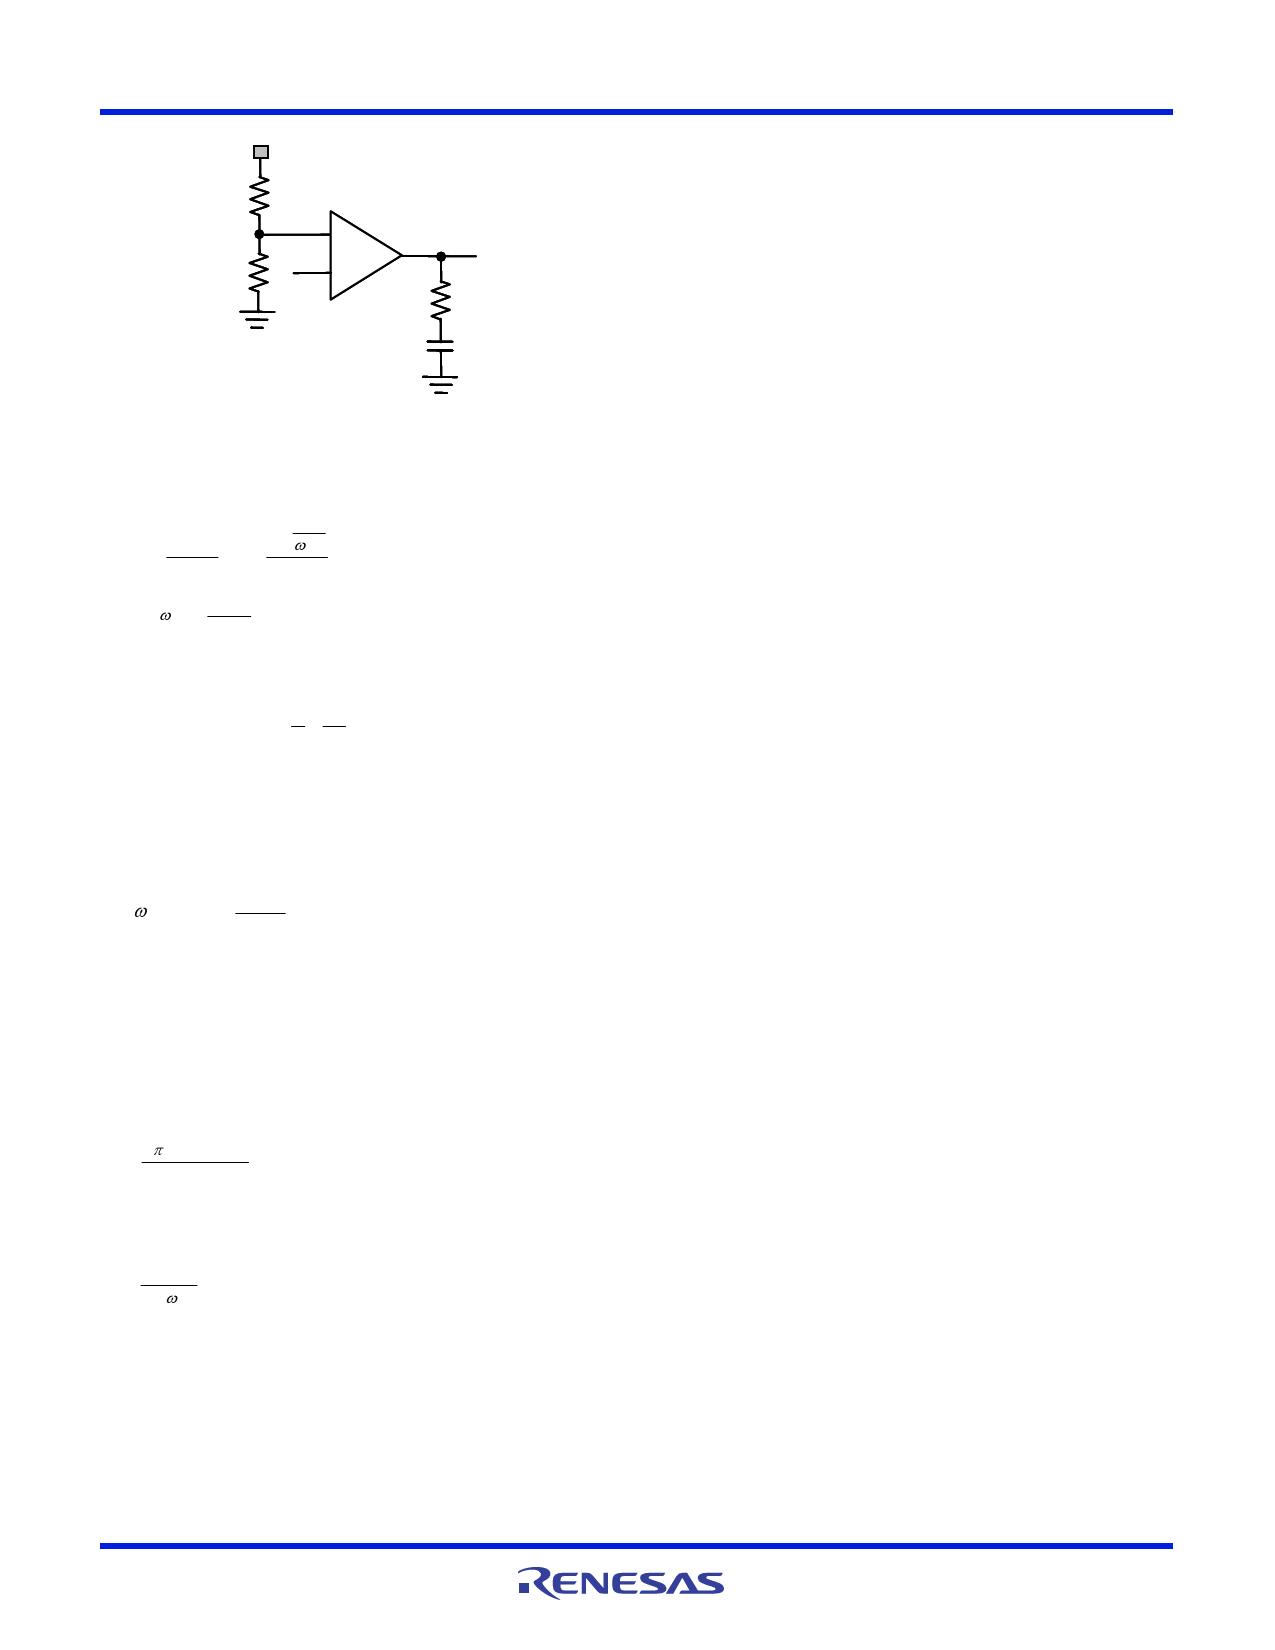 Isl6255 datasheet pdf renesas electronics.